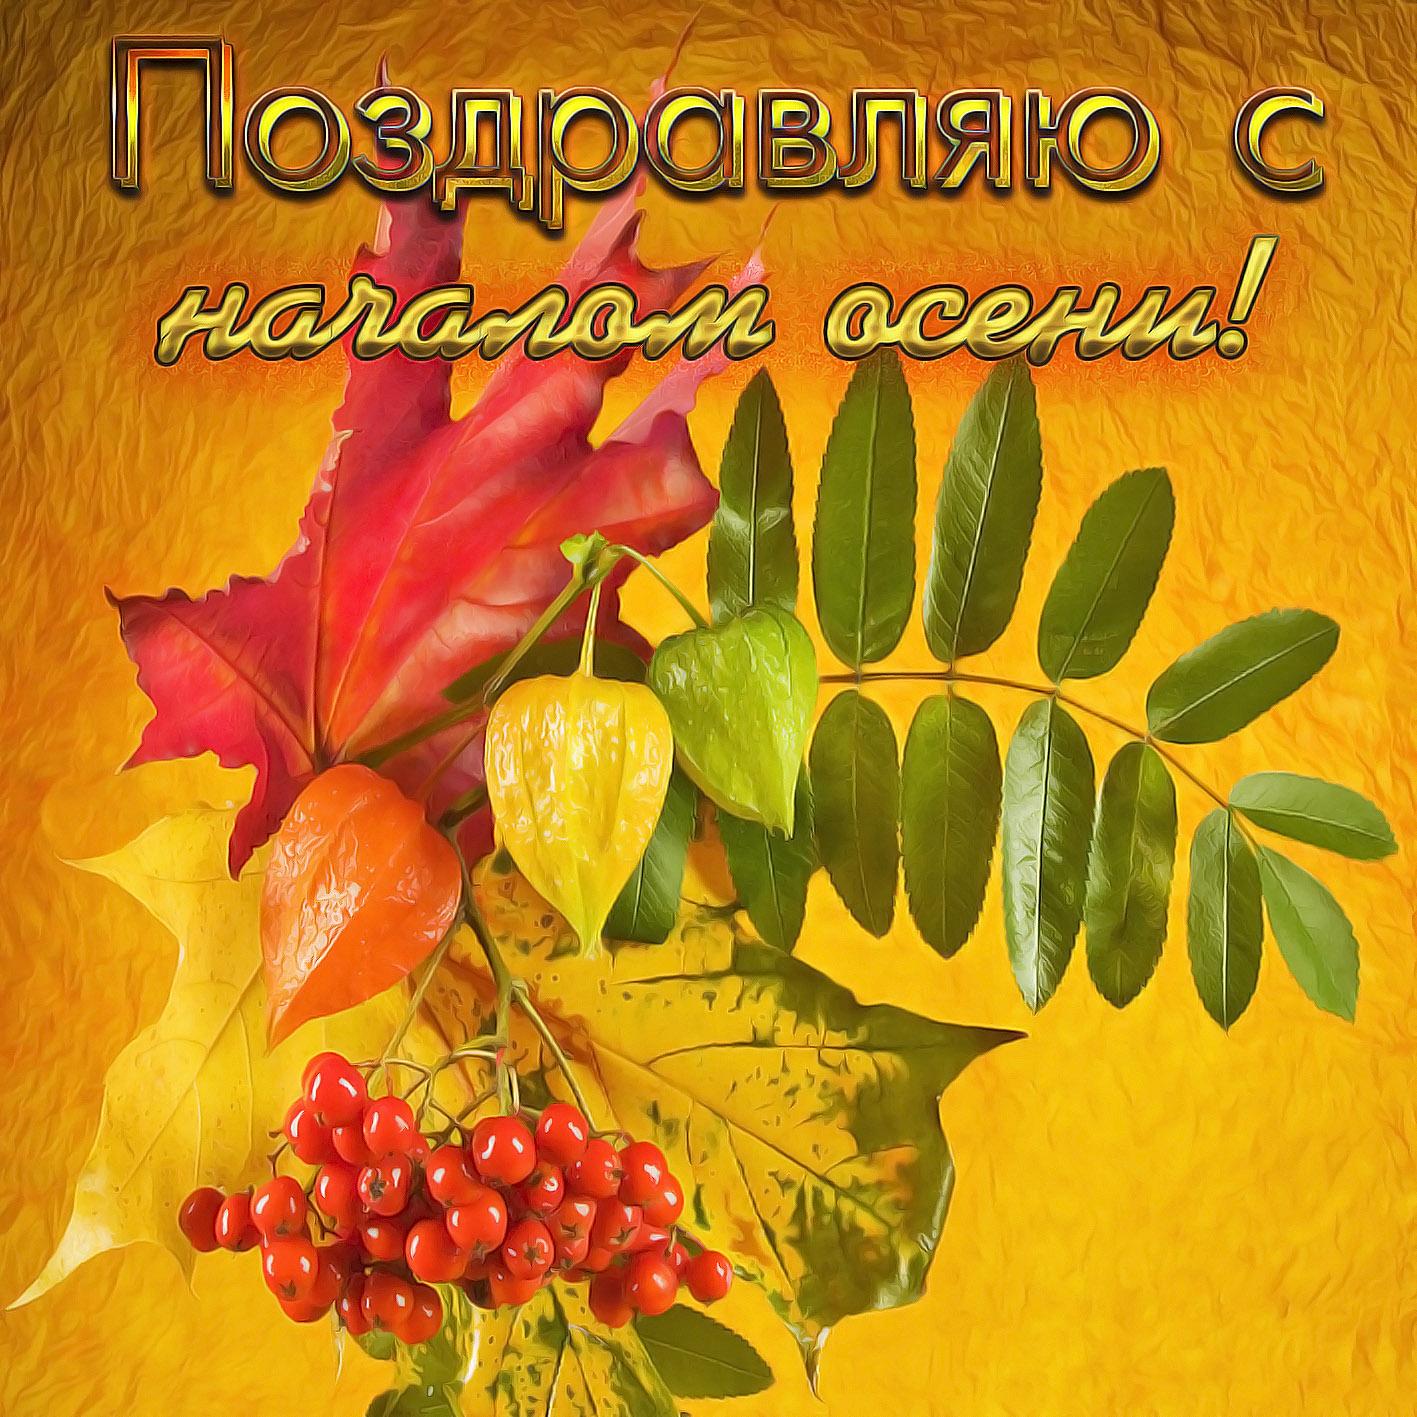 Картинка с листьями на красивом фоне на первый день осени